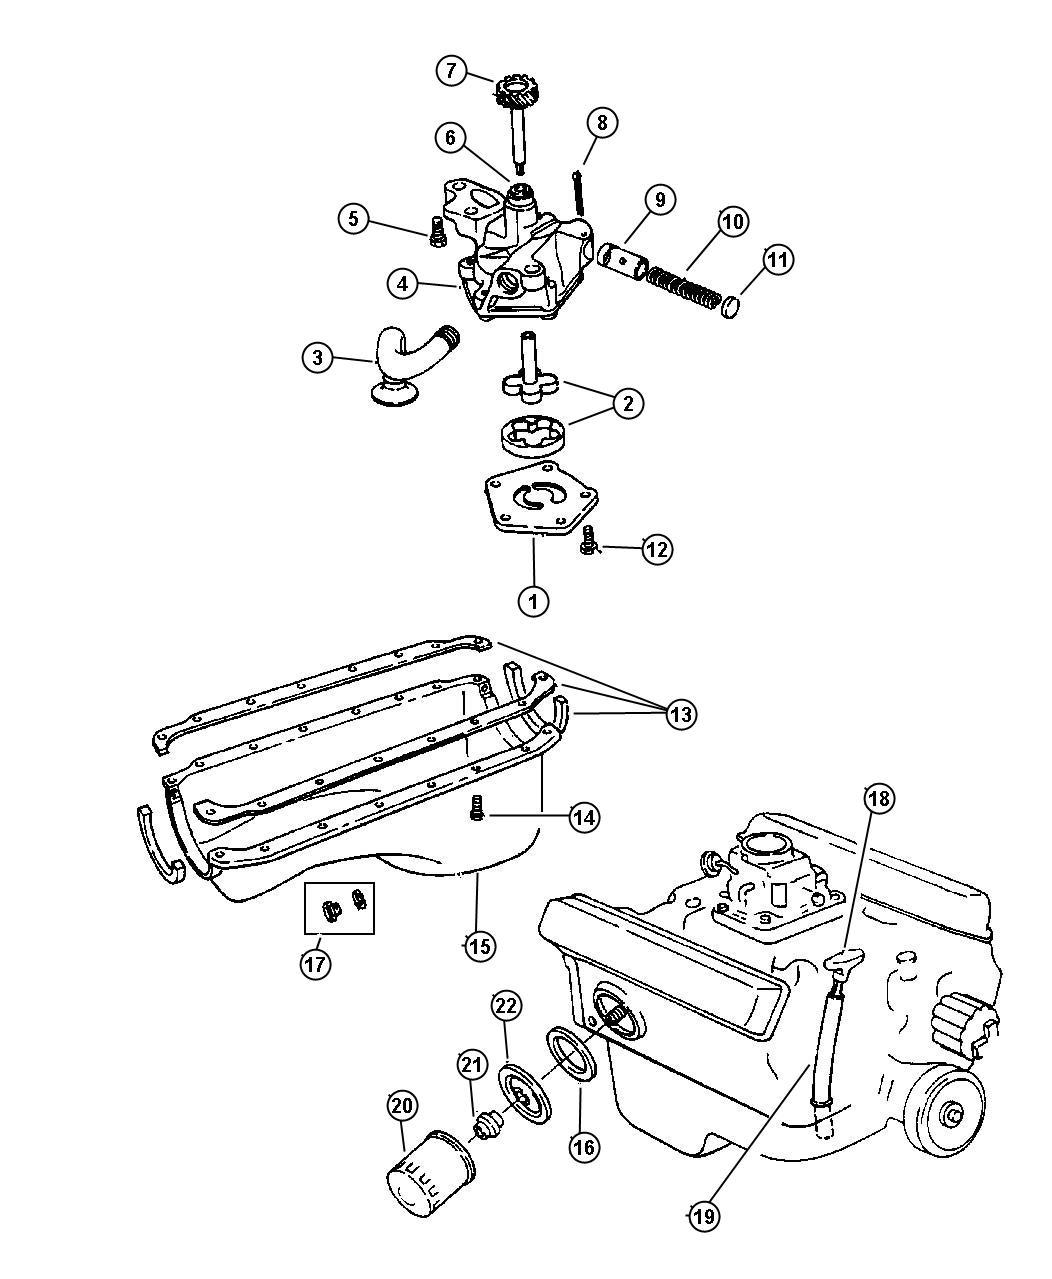 1997 Dodge Dakota Engine Oiling